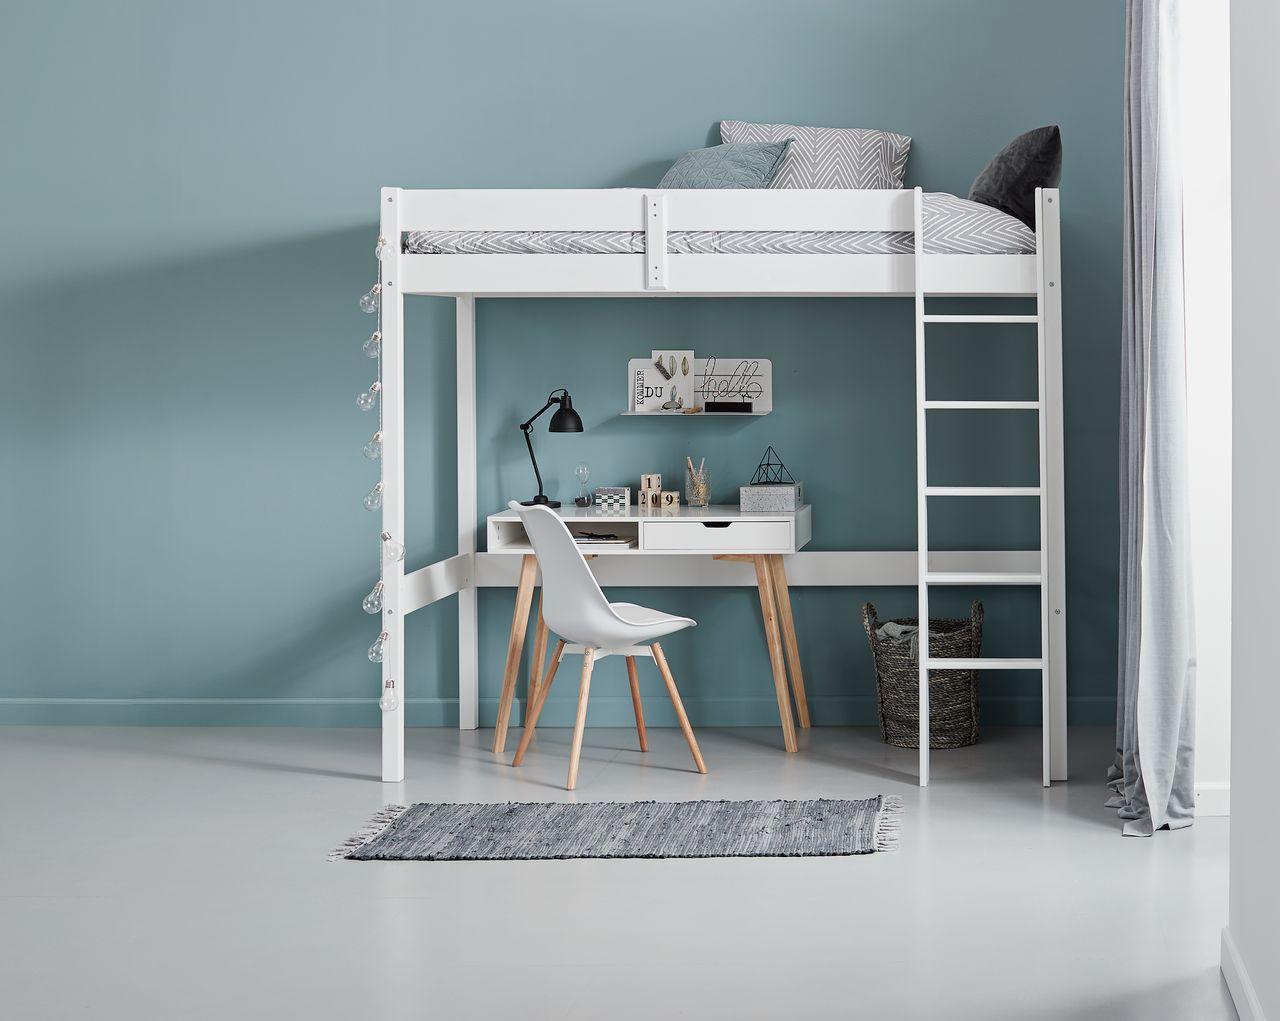 Nội thất phòng ngủ thông minh cho diện tích nhỏ không thể bỏ qua những mẫu giường hai trong một này